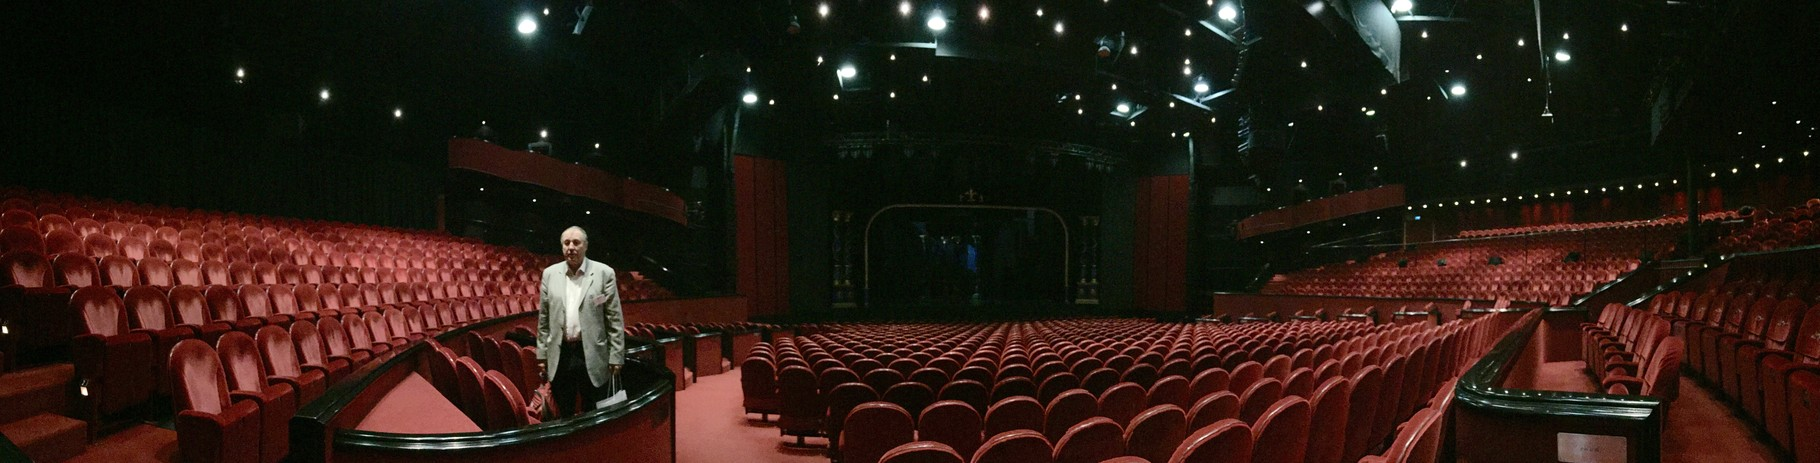 Leider haben wir nicht im Musical-Saal tagen dürfen ...